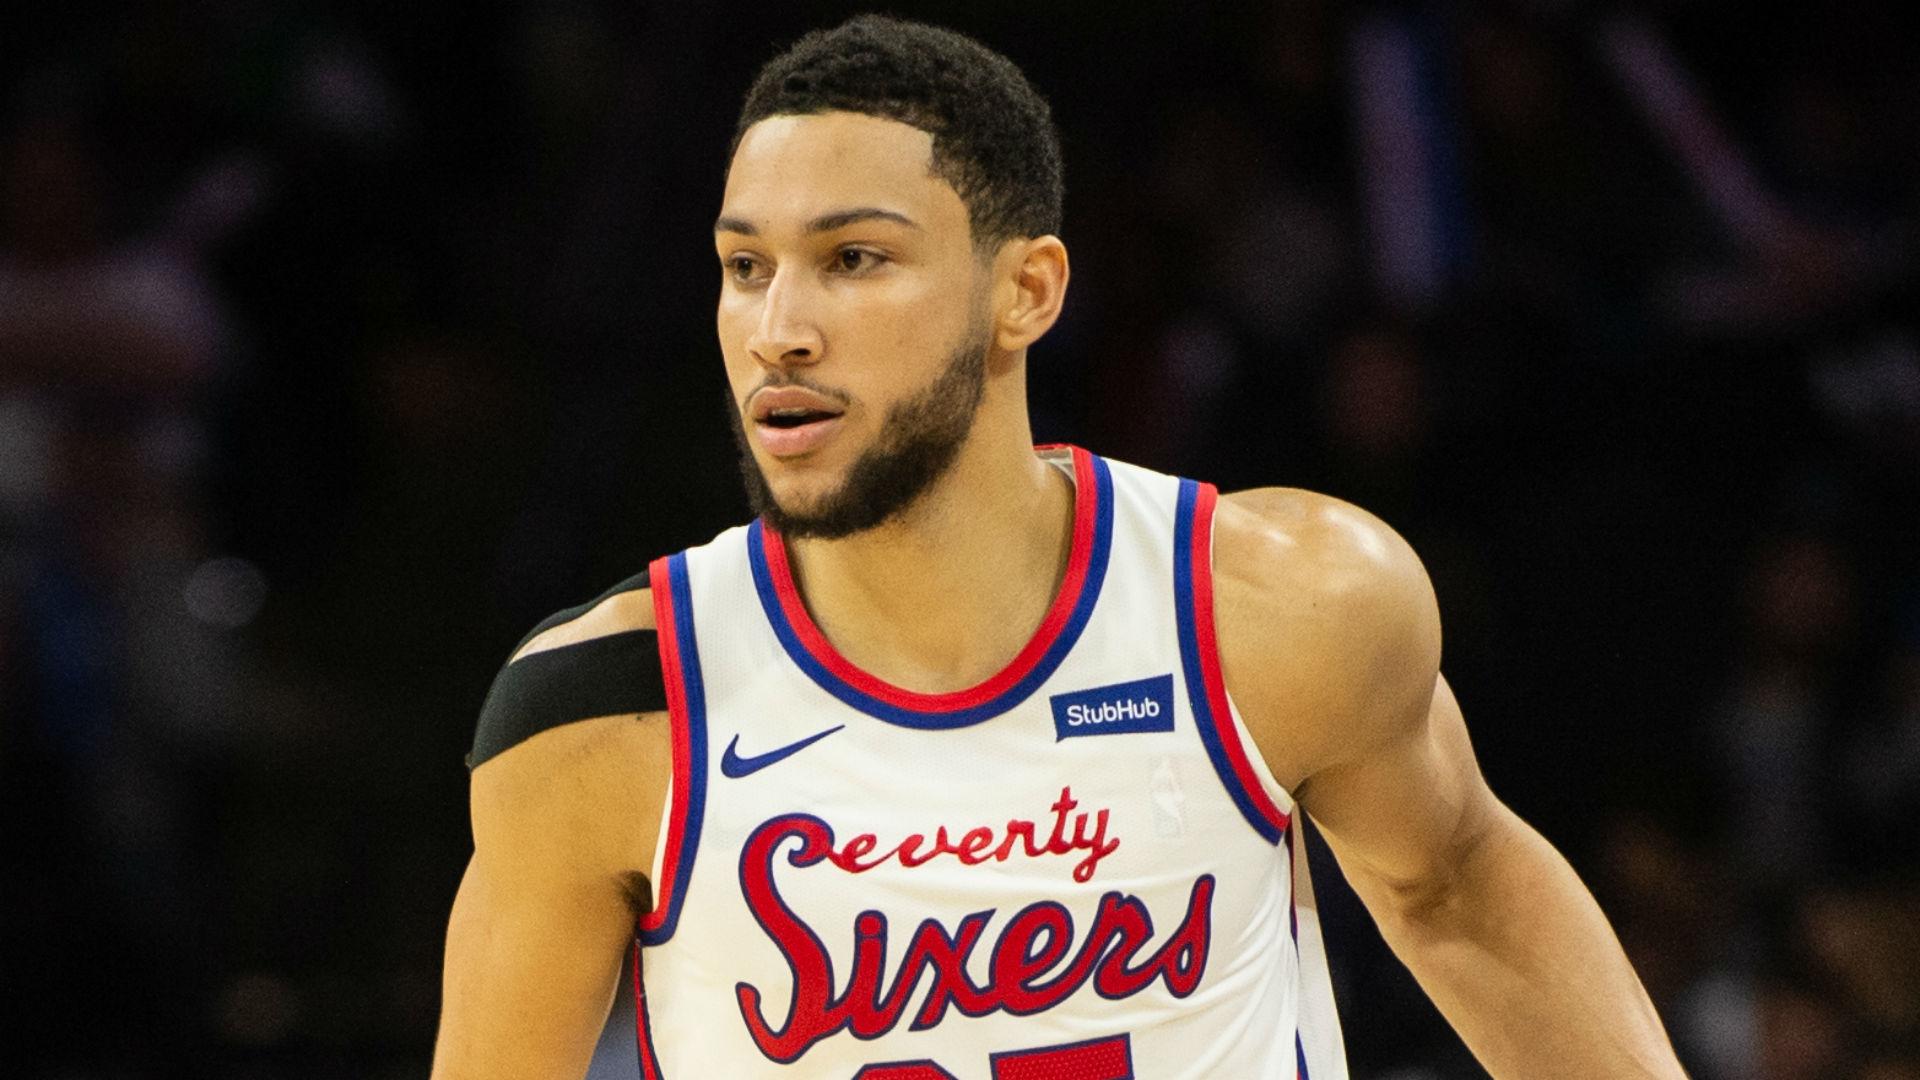 Simmons praised for 'elite' defensive display as 76ers stifle Butler, Heat